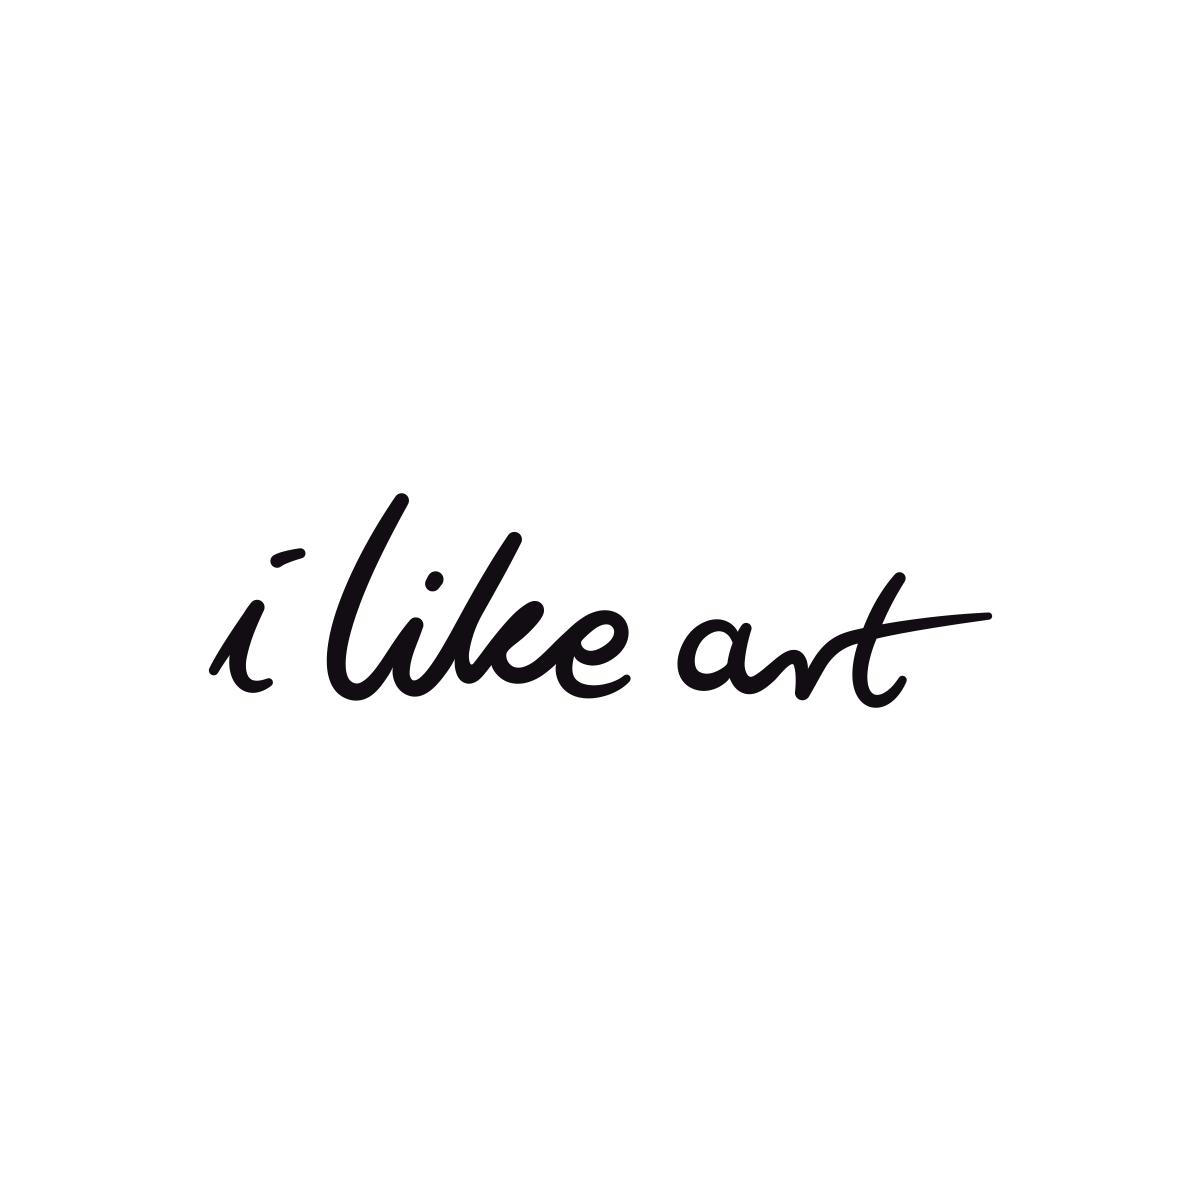 I LIKE ART Logo